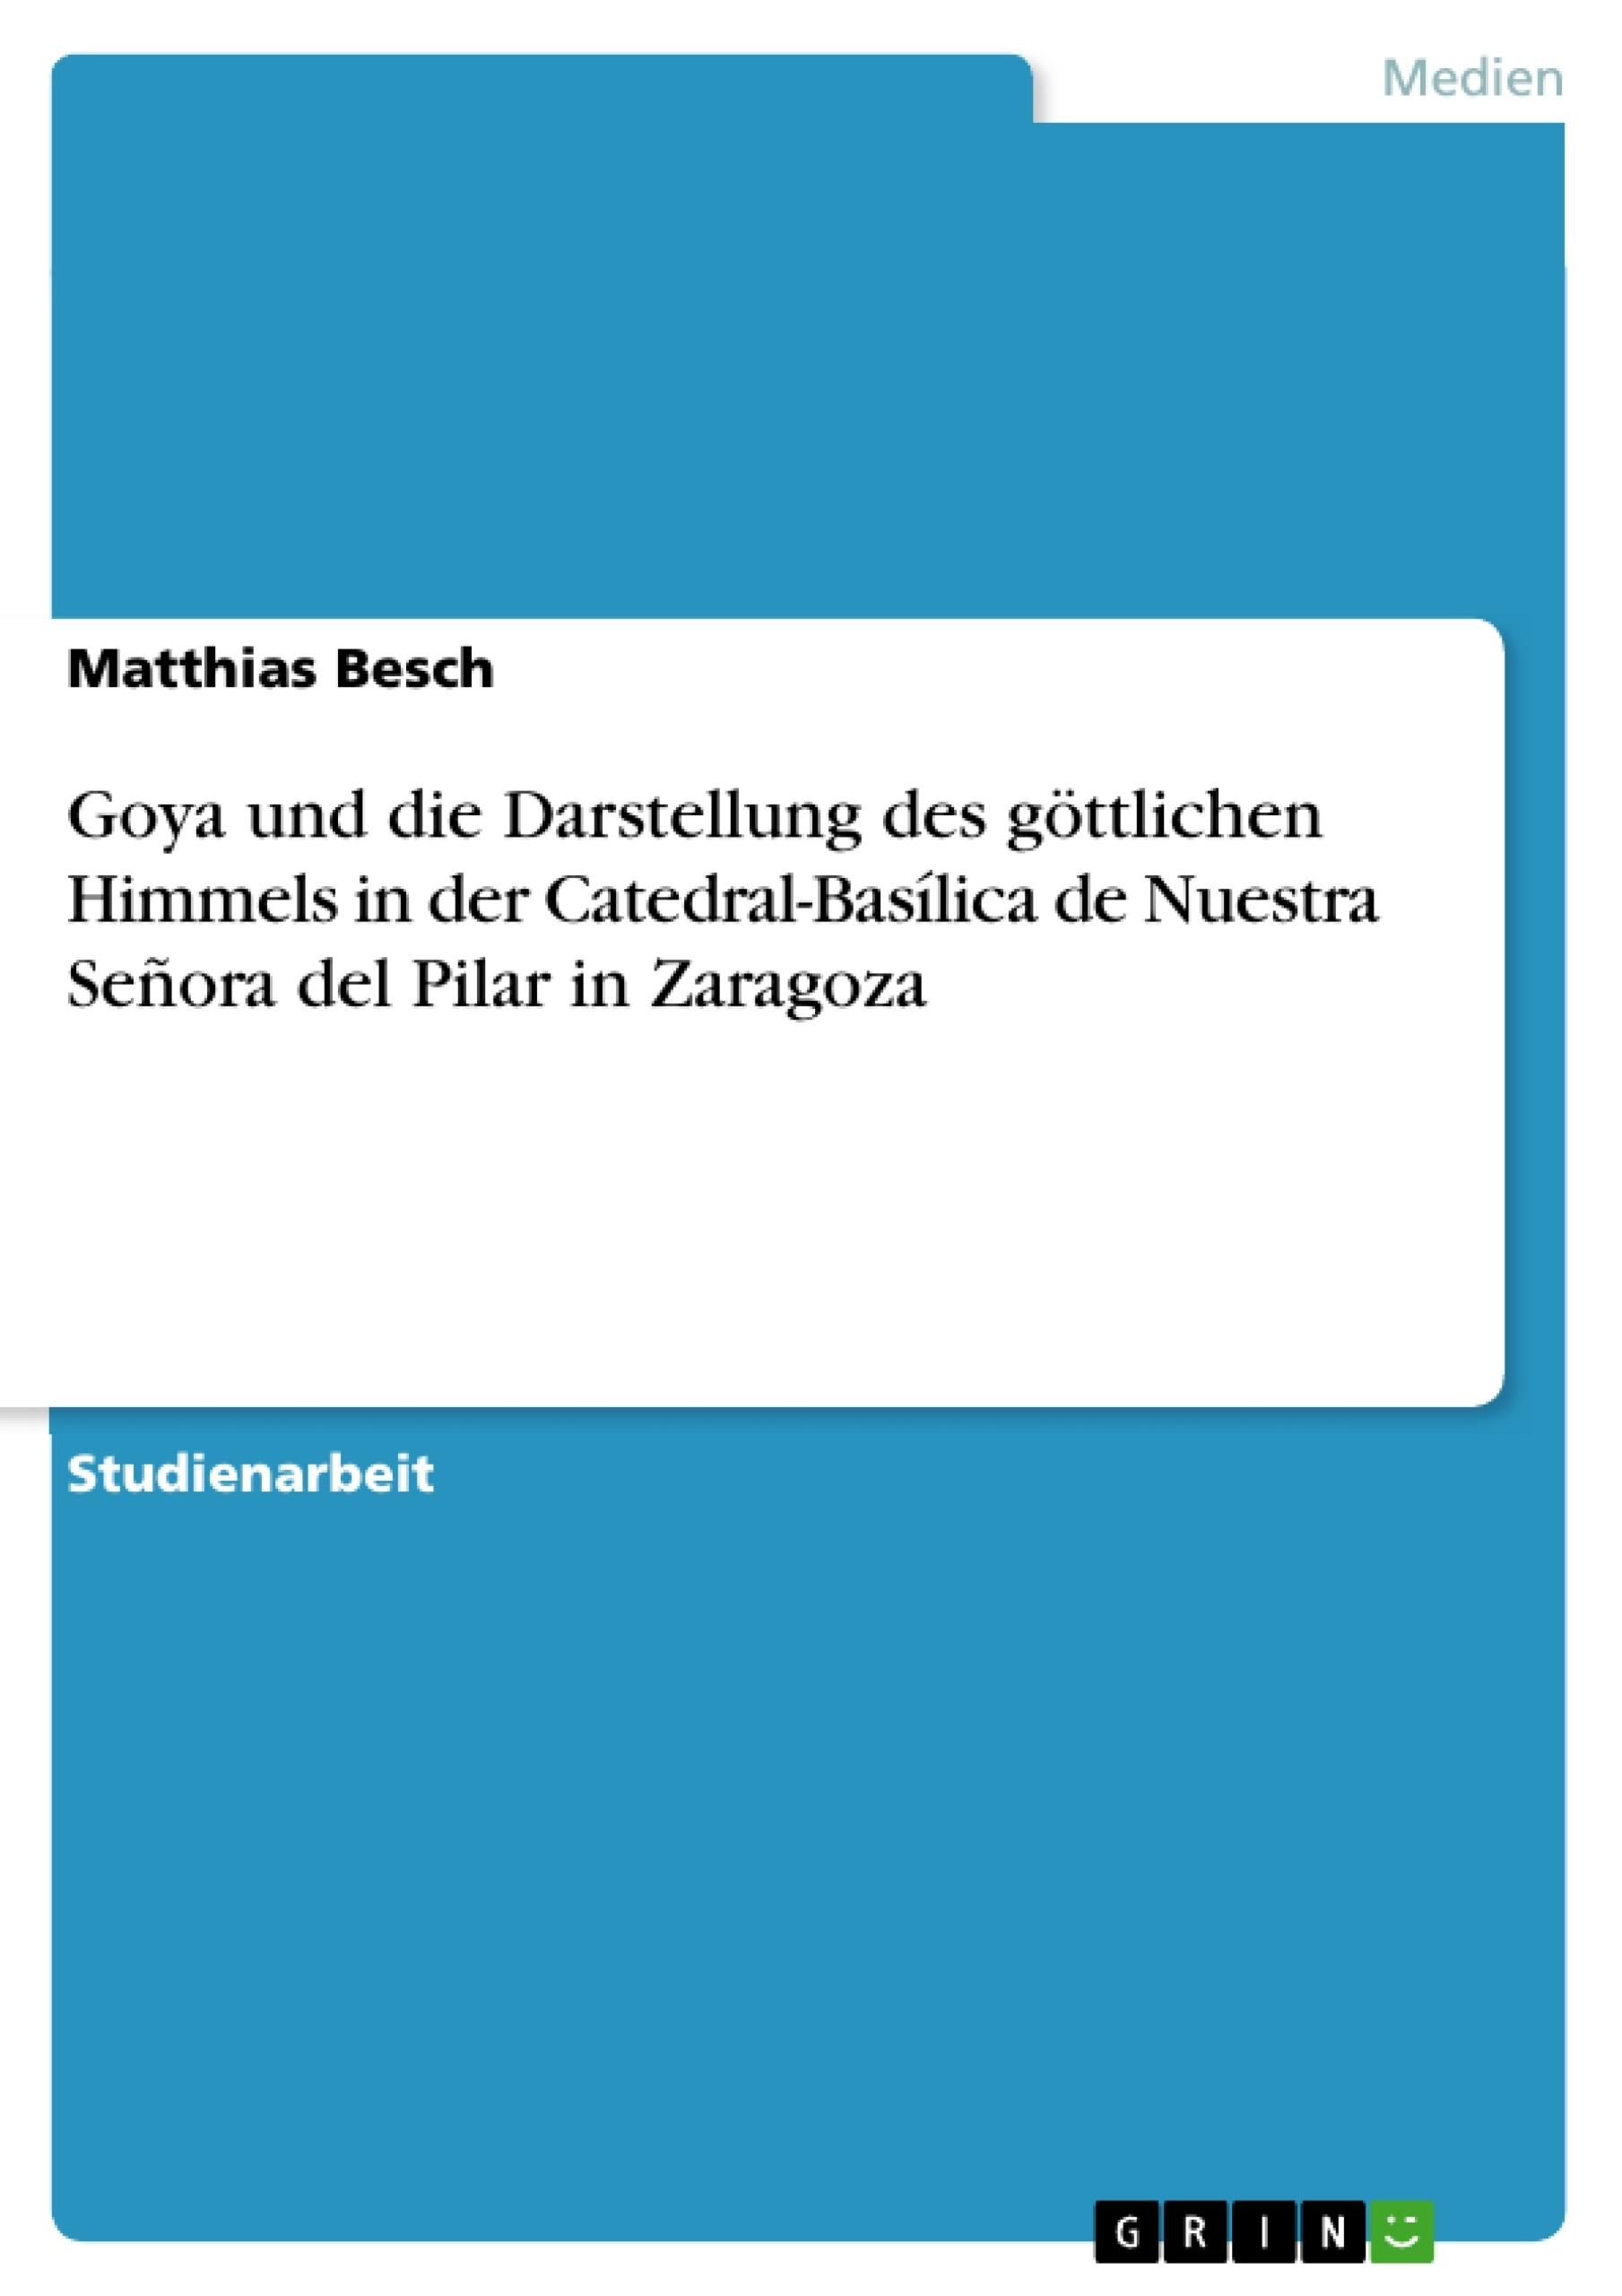 Titel: Goya und die Darstellung des göttlichen Himmels in der Catedral-Basílica de Nuestra Señora del Pilar in Zaragoza